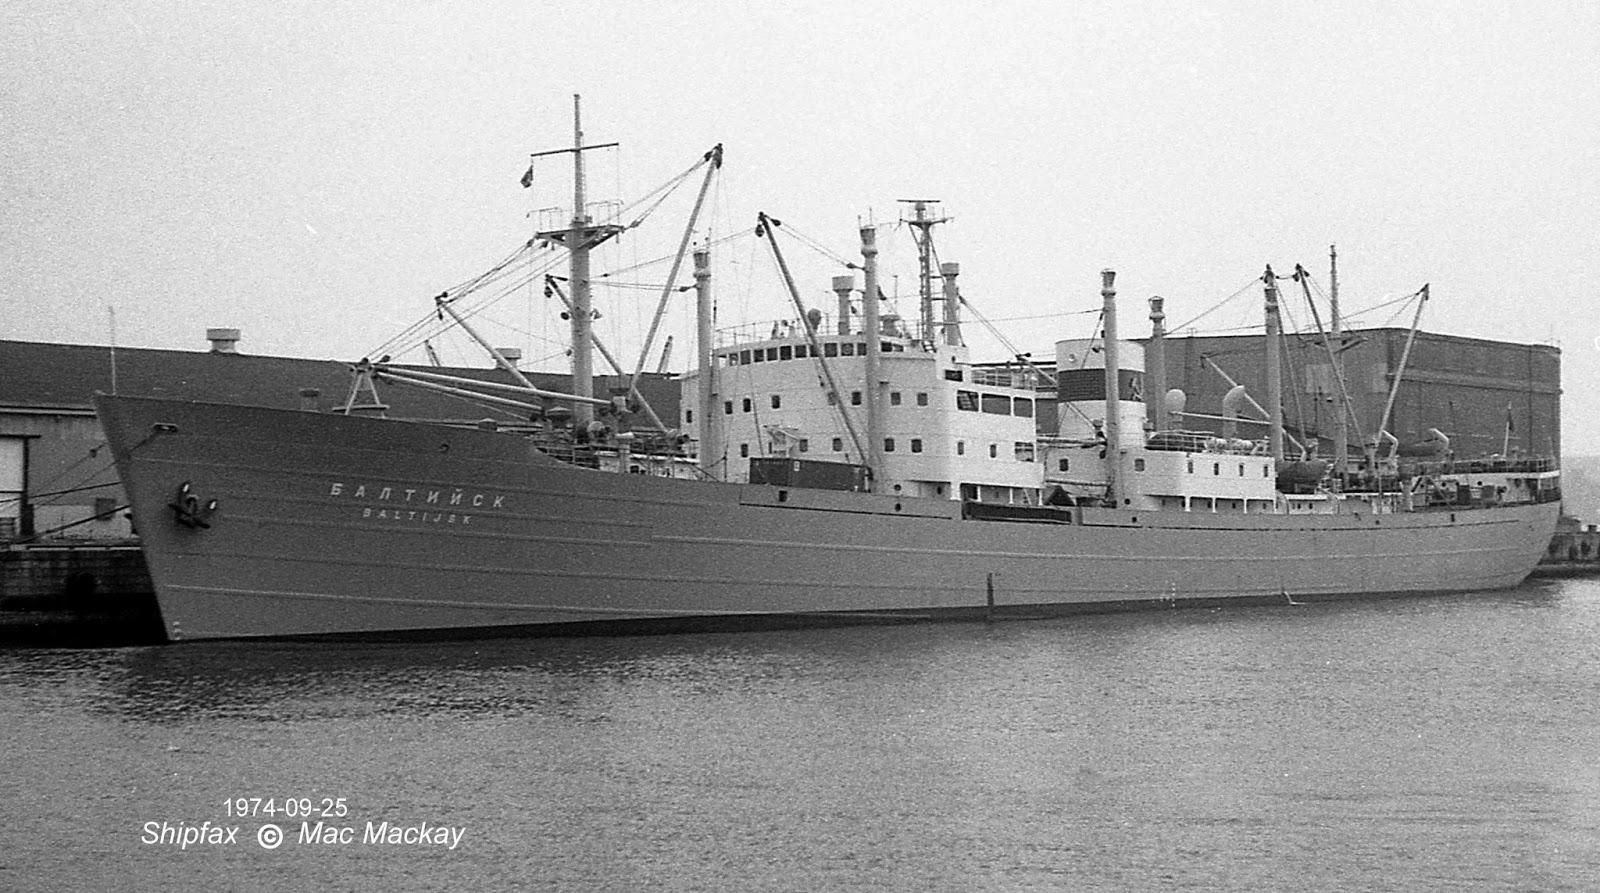 Shipfax